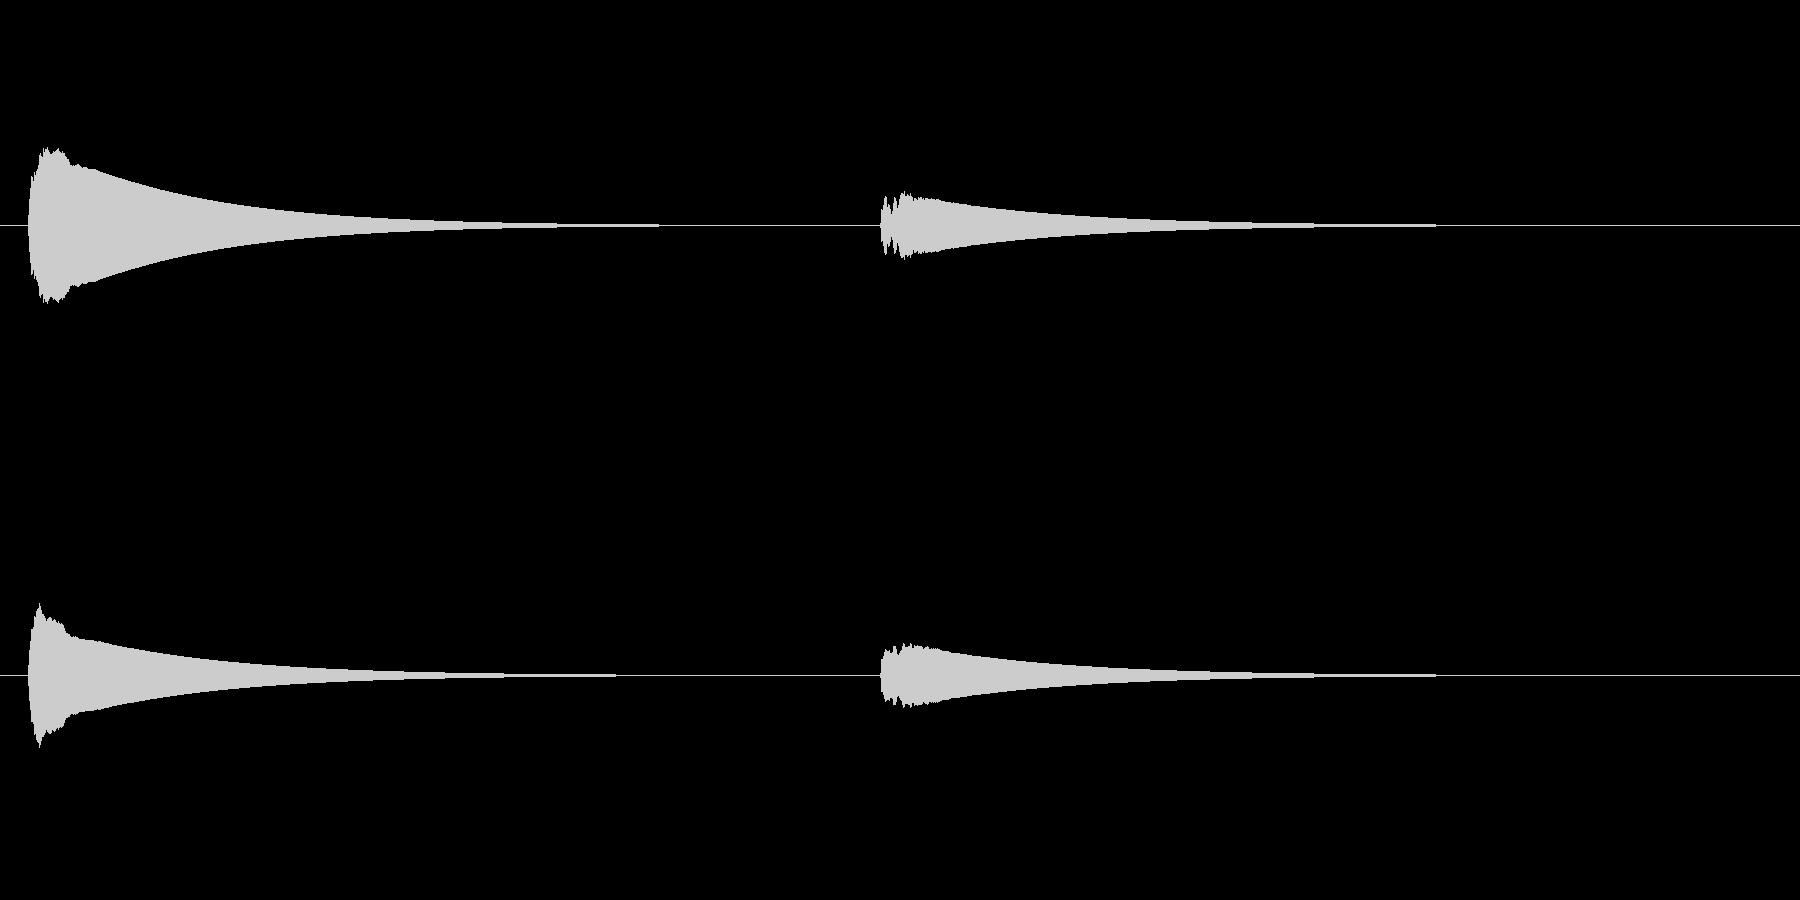 【ドアベル ピンポン02-6】の未再生の波形